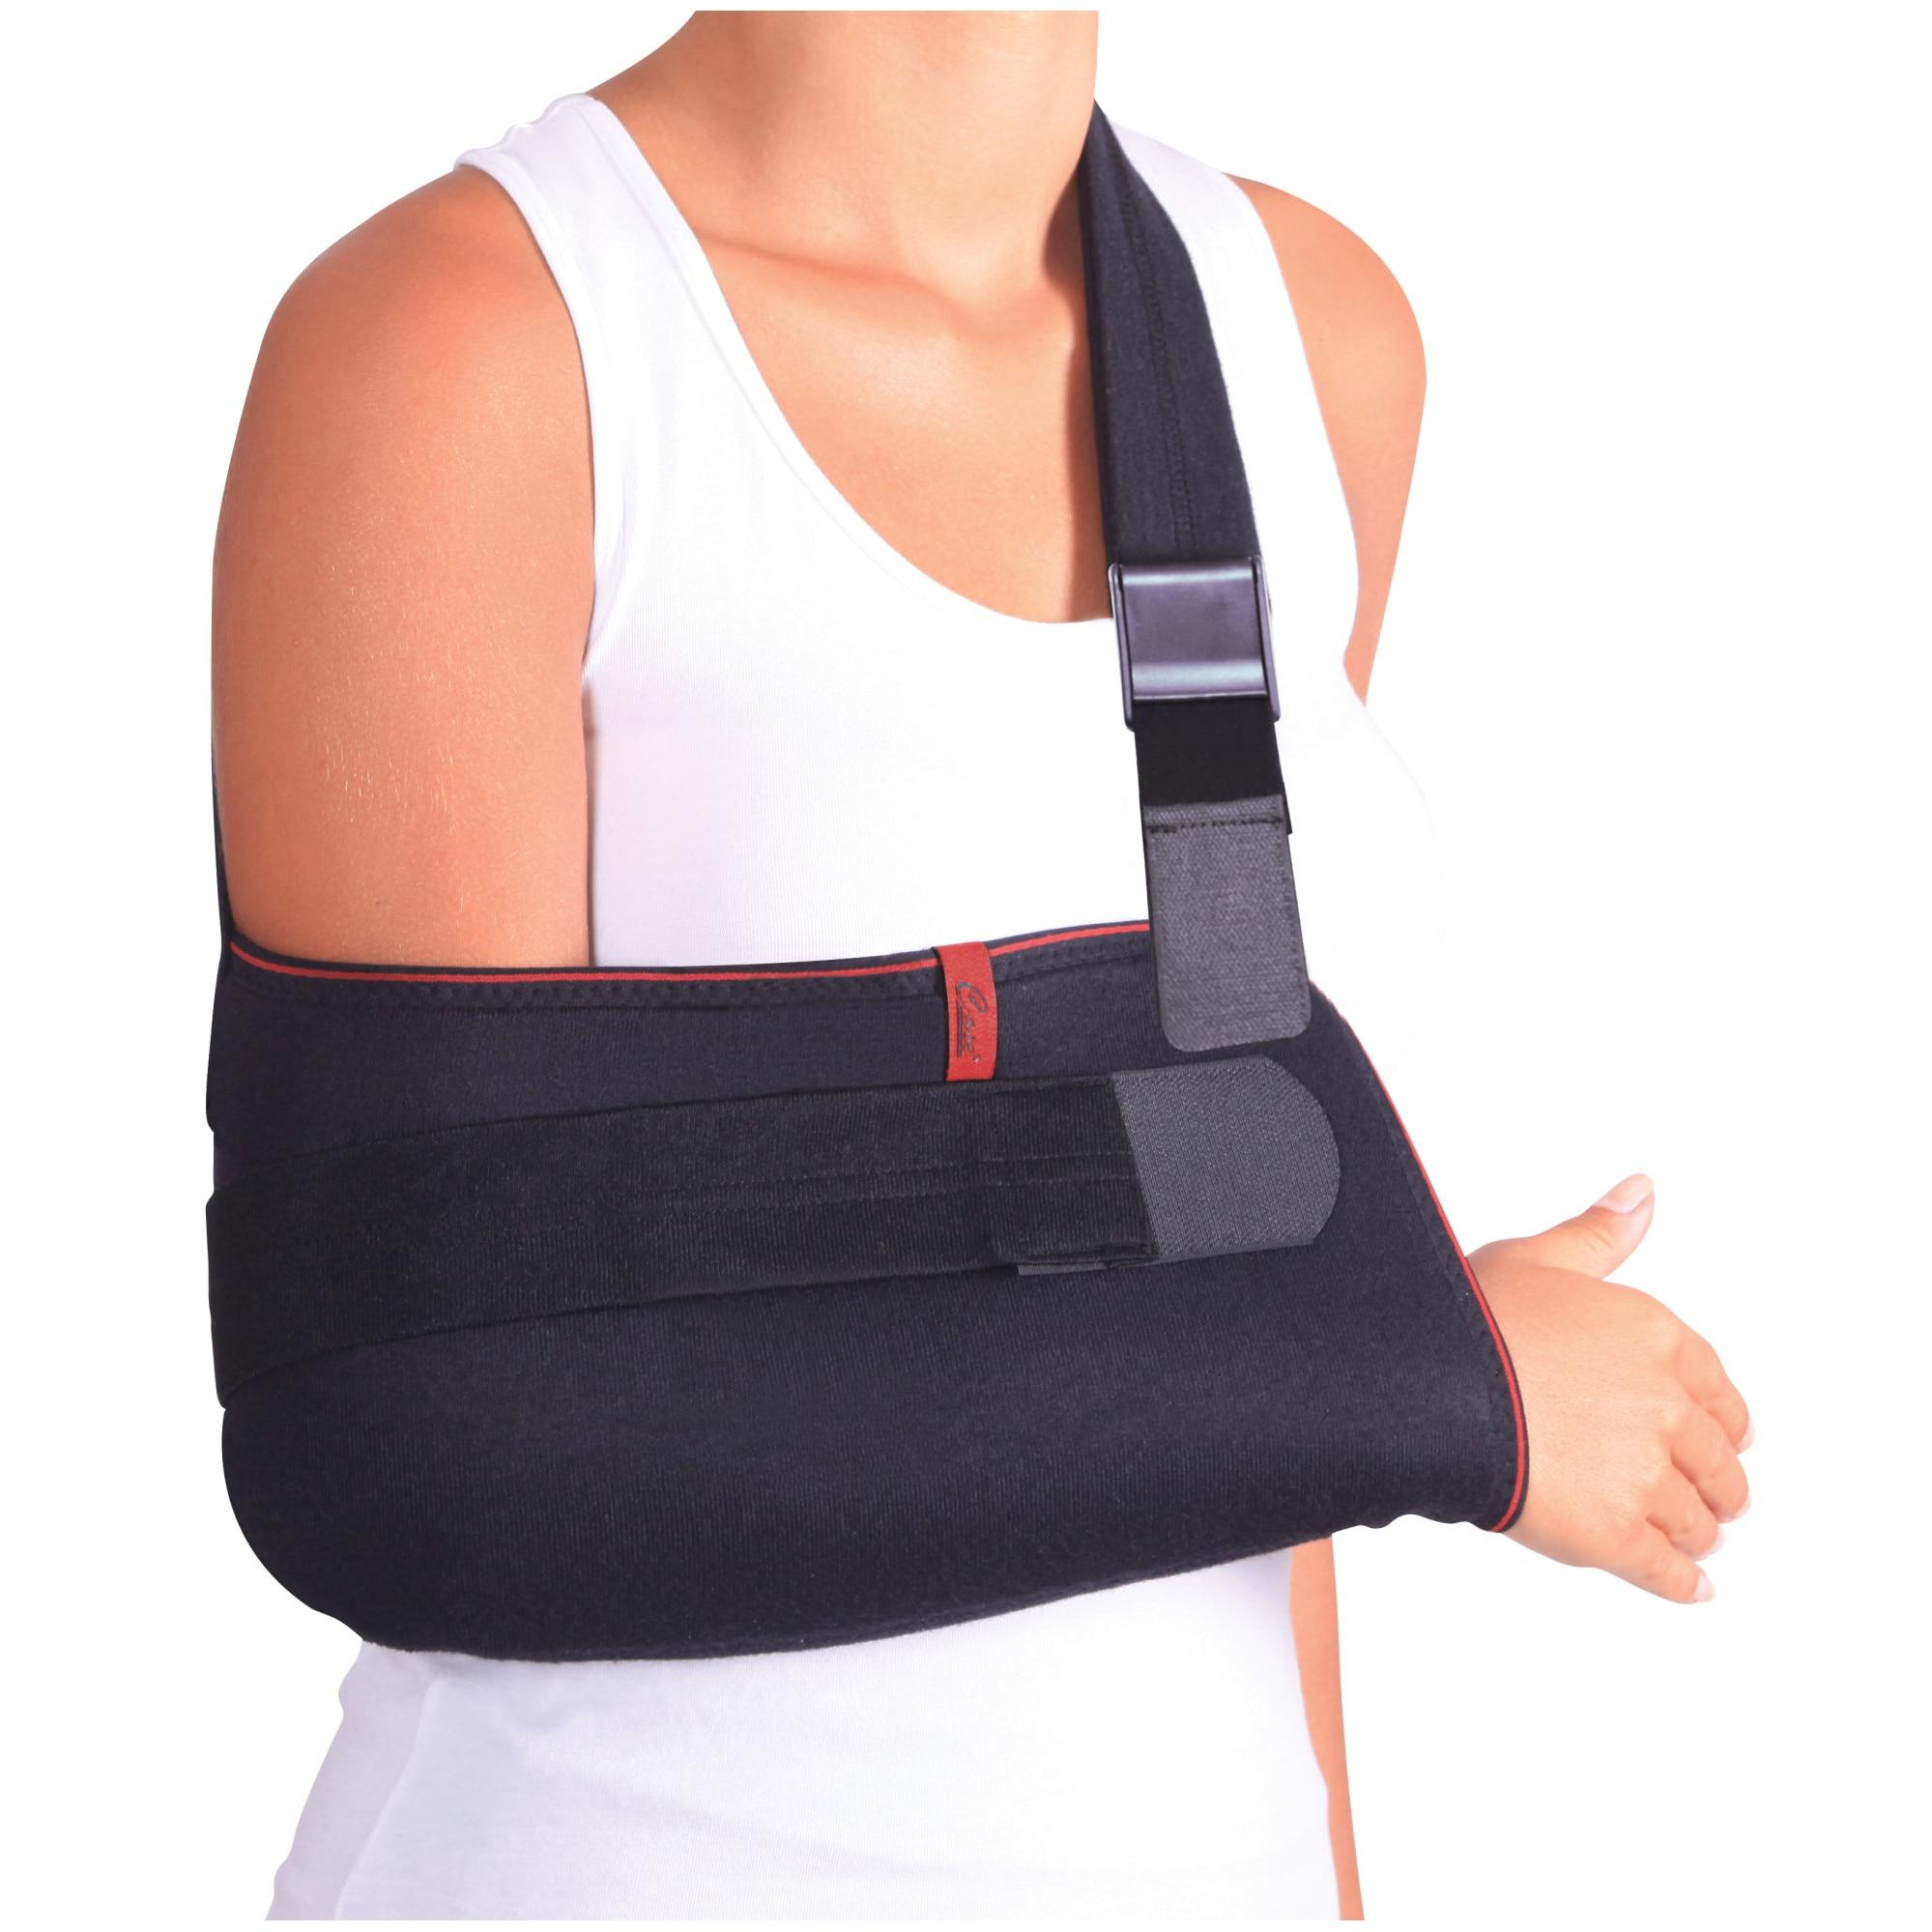 braț drept în articulație durere în articulațiile mâinii după naștere